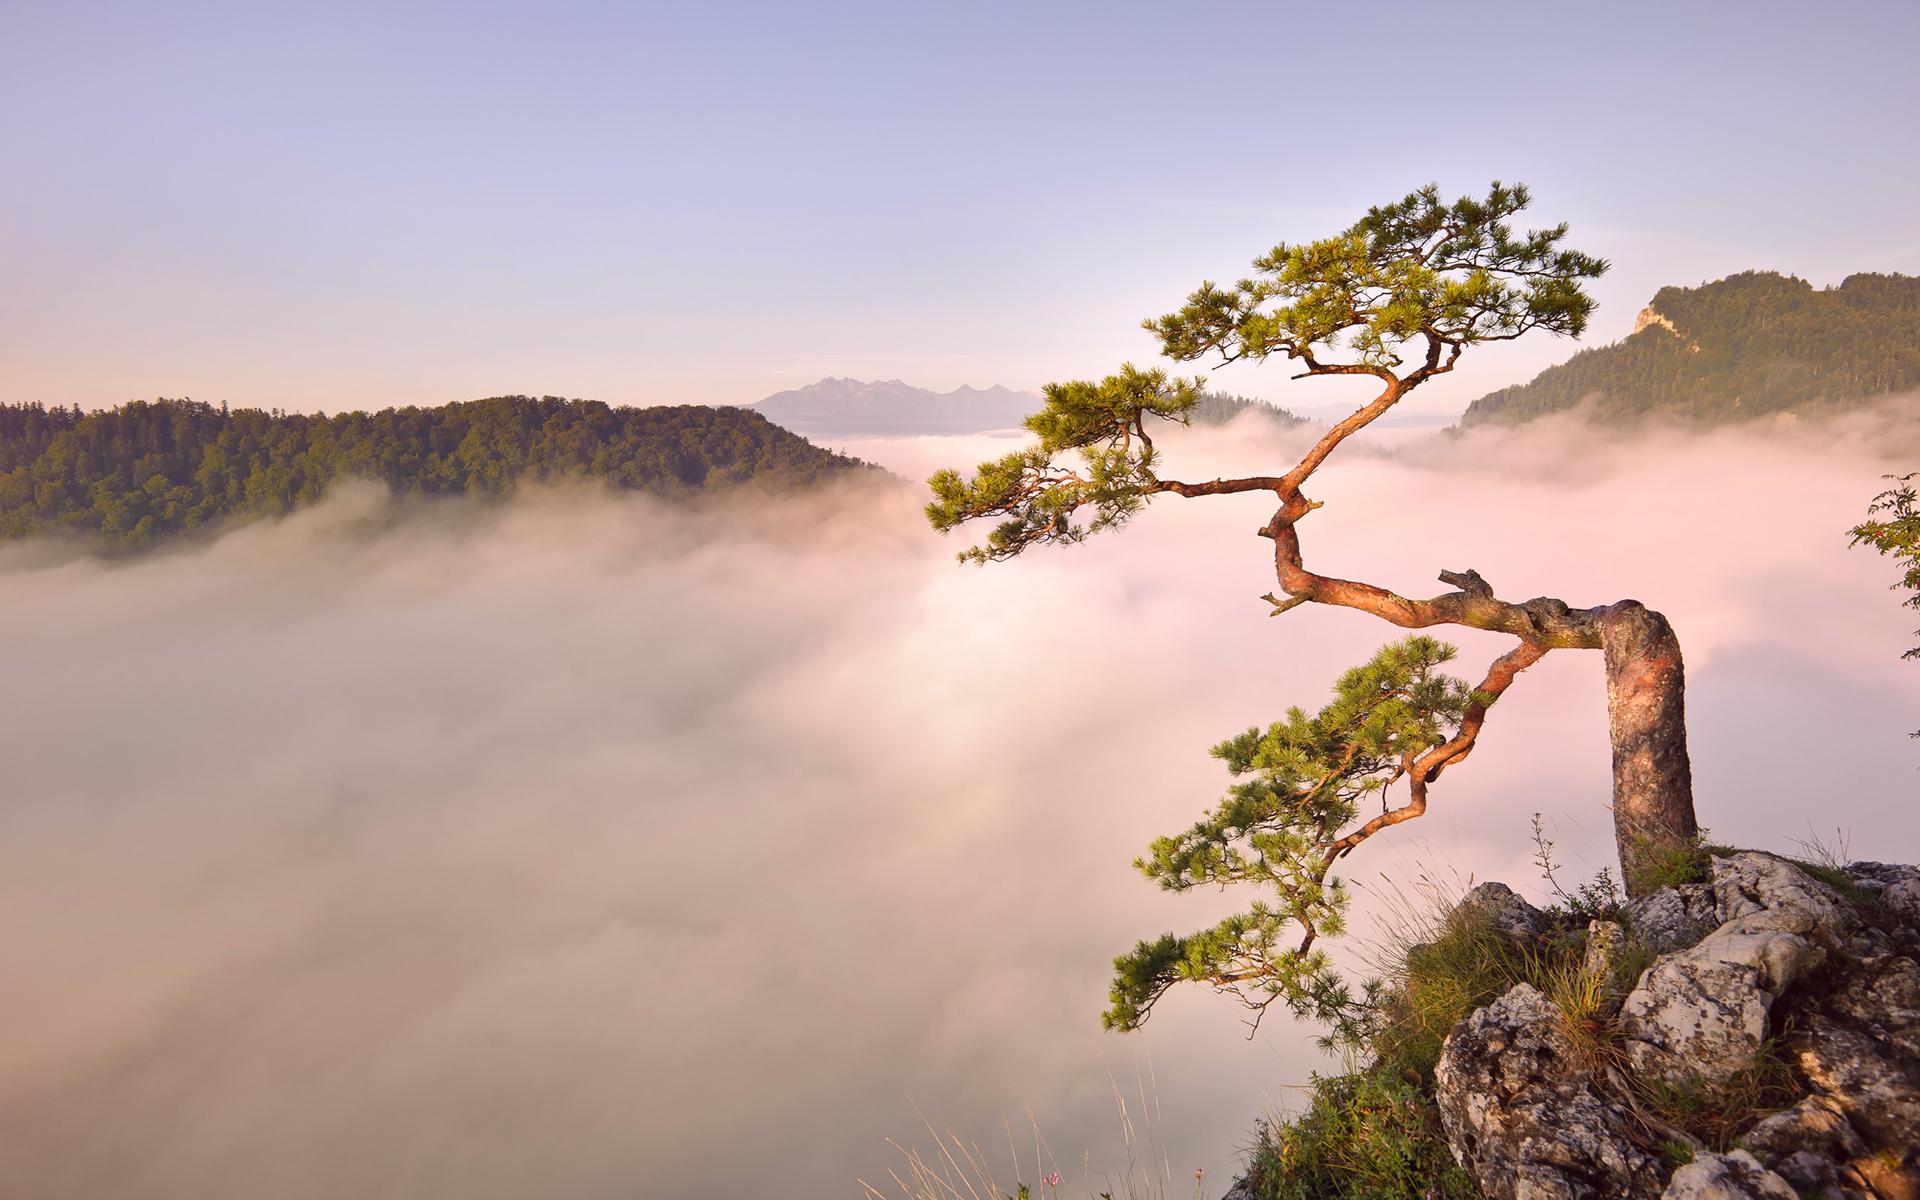 горы рассвет деревья вода  № 3850858 бесплатно